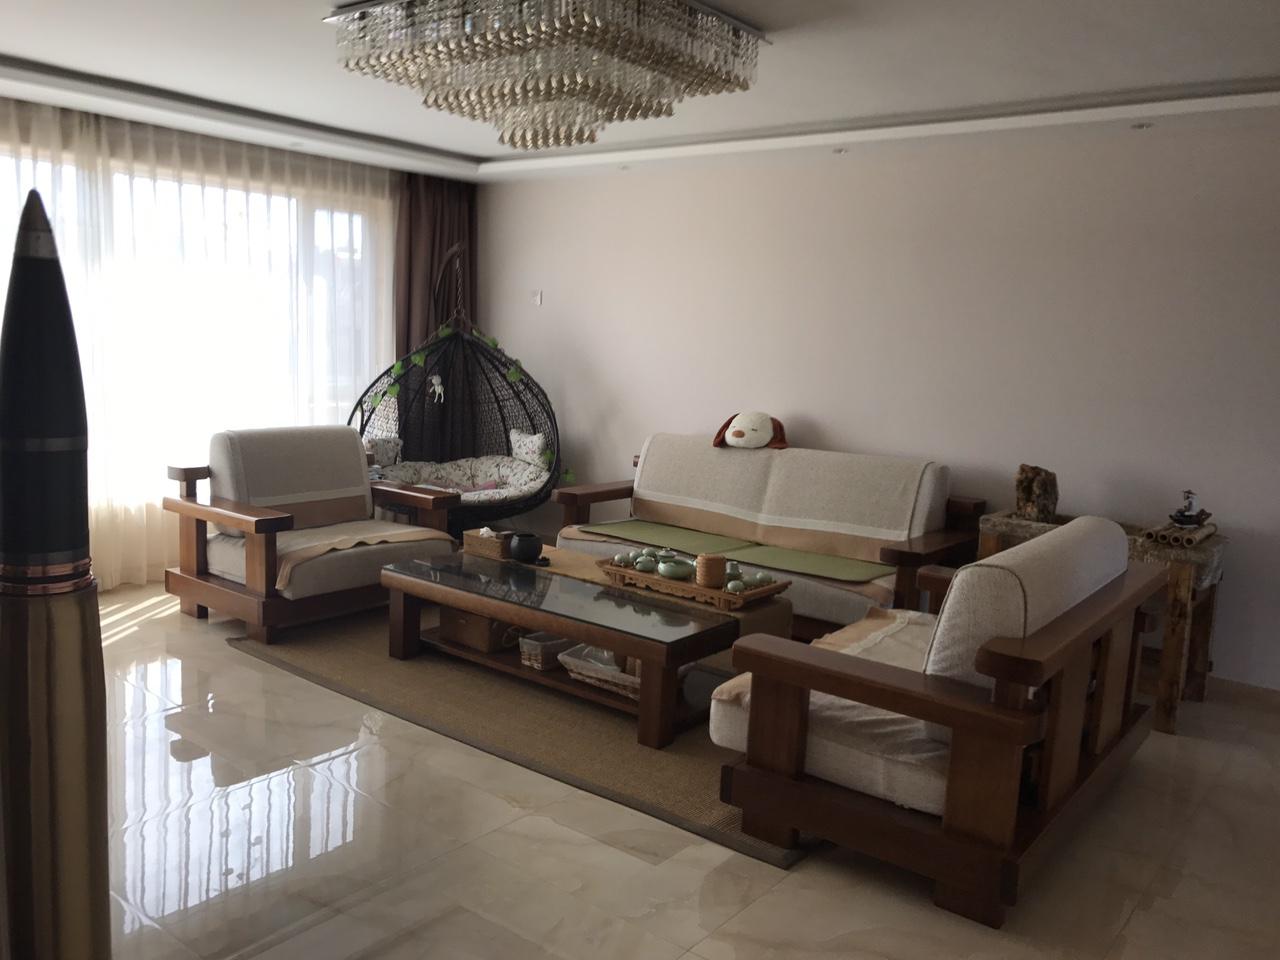 鹤林苑4室2厅2卫110万元